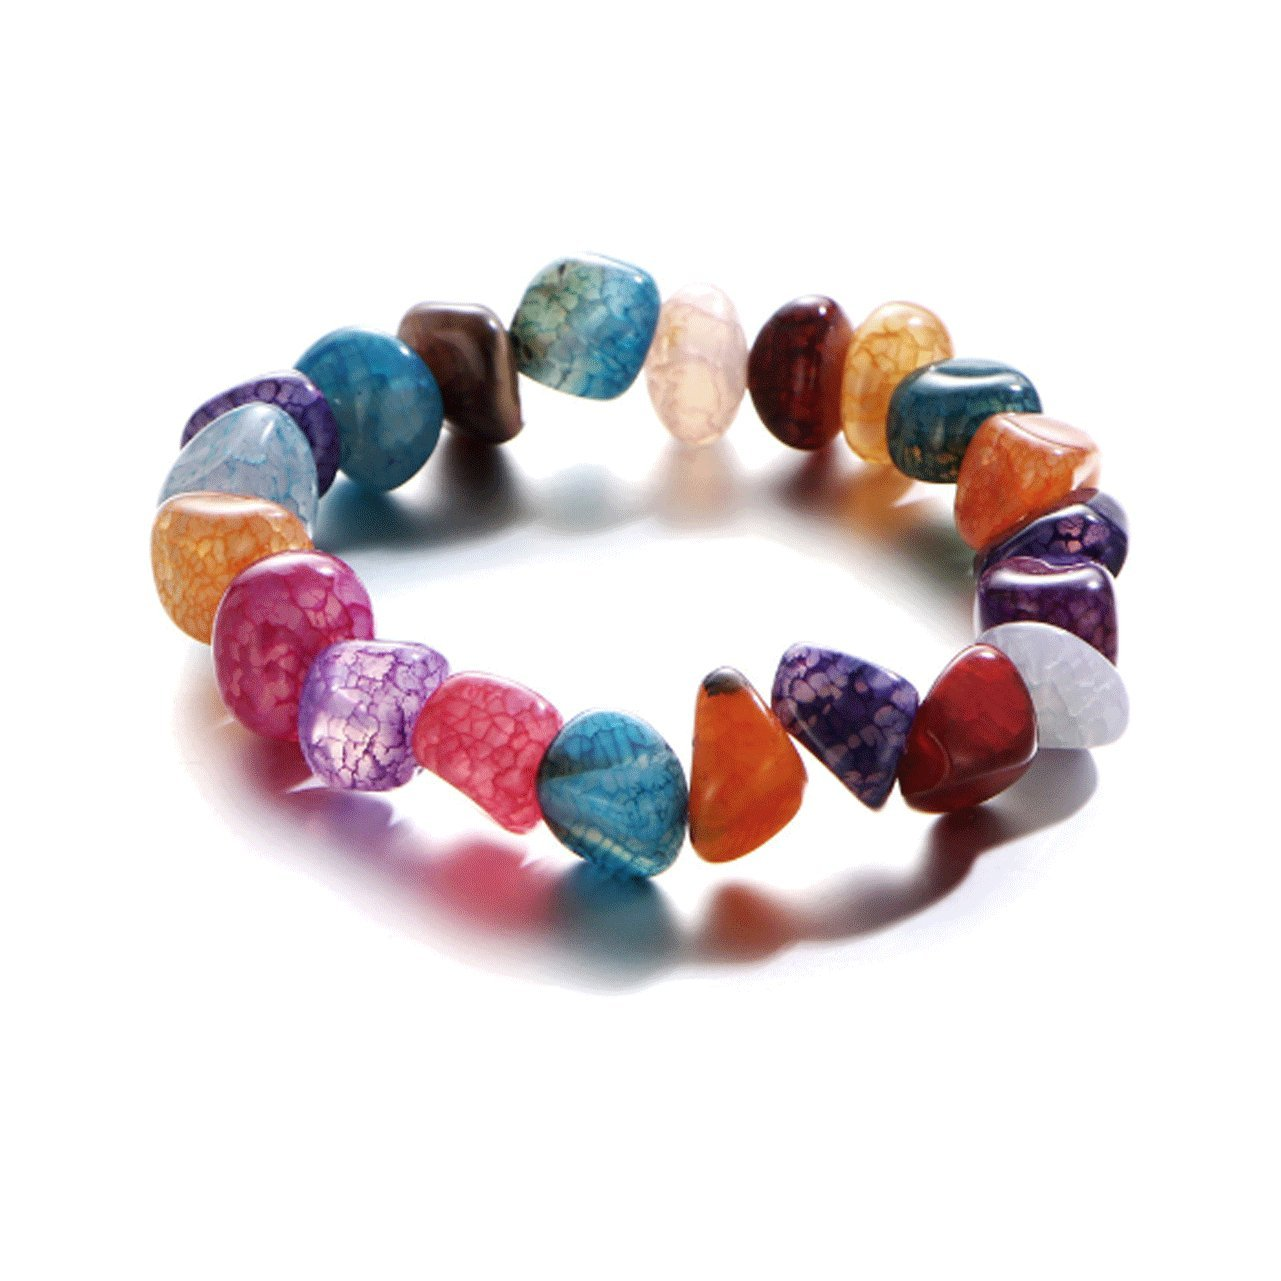 Summer Beach Random Color Nature Stone Chakra Bracelet Rainbow Lucky Bead Reiki Strand Bracelet For Girls and Women